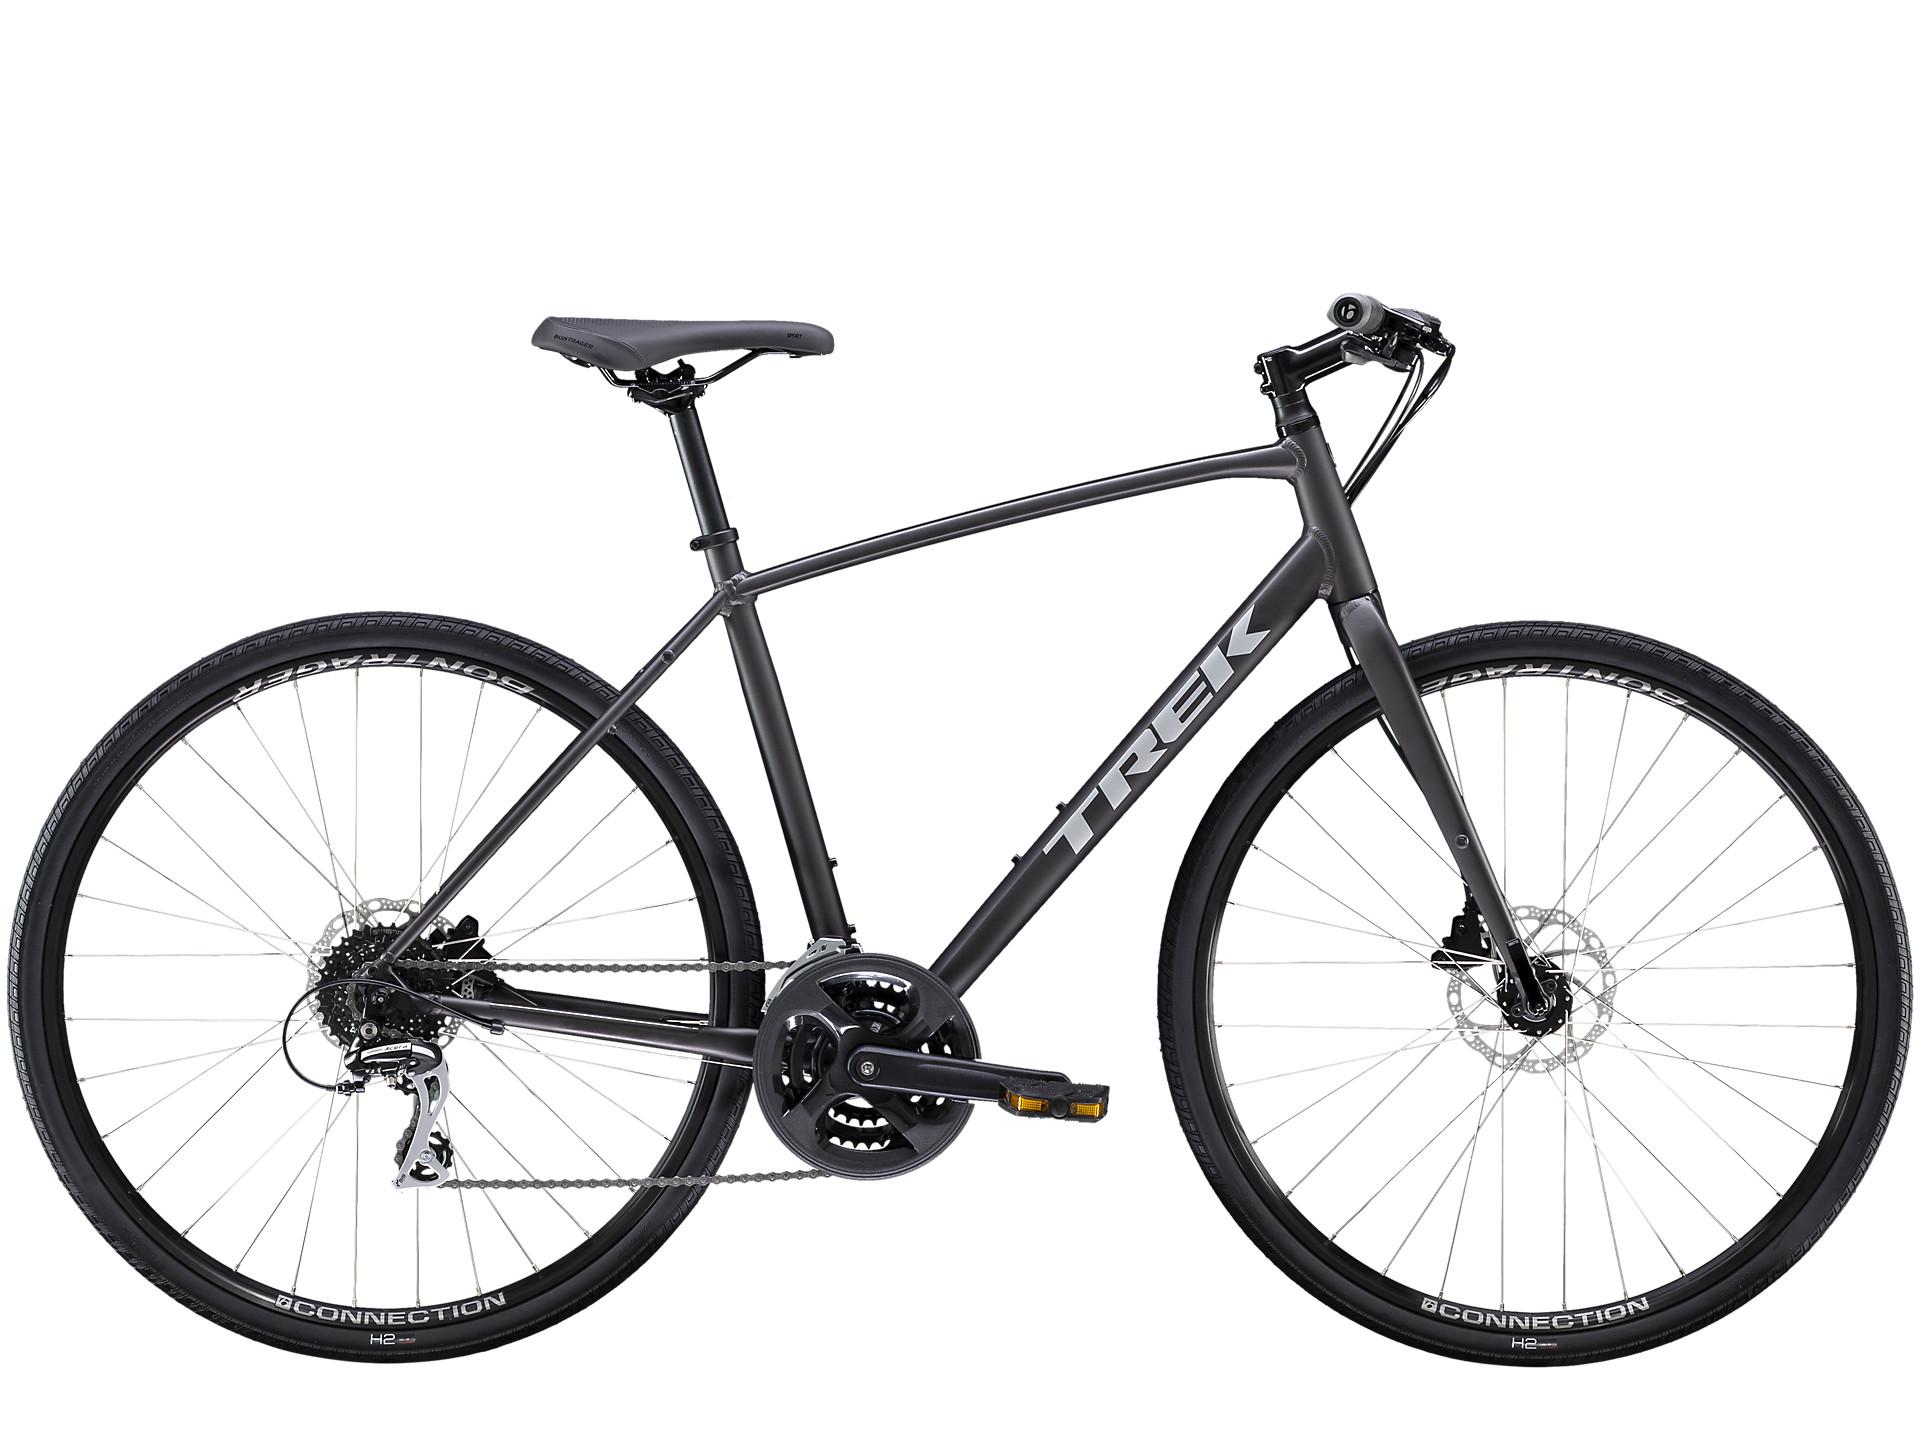 Trek FX 2 Disc Hybrid Bikes